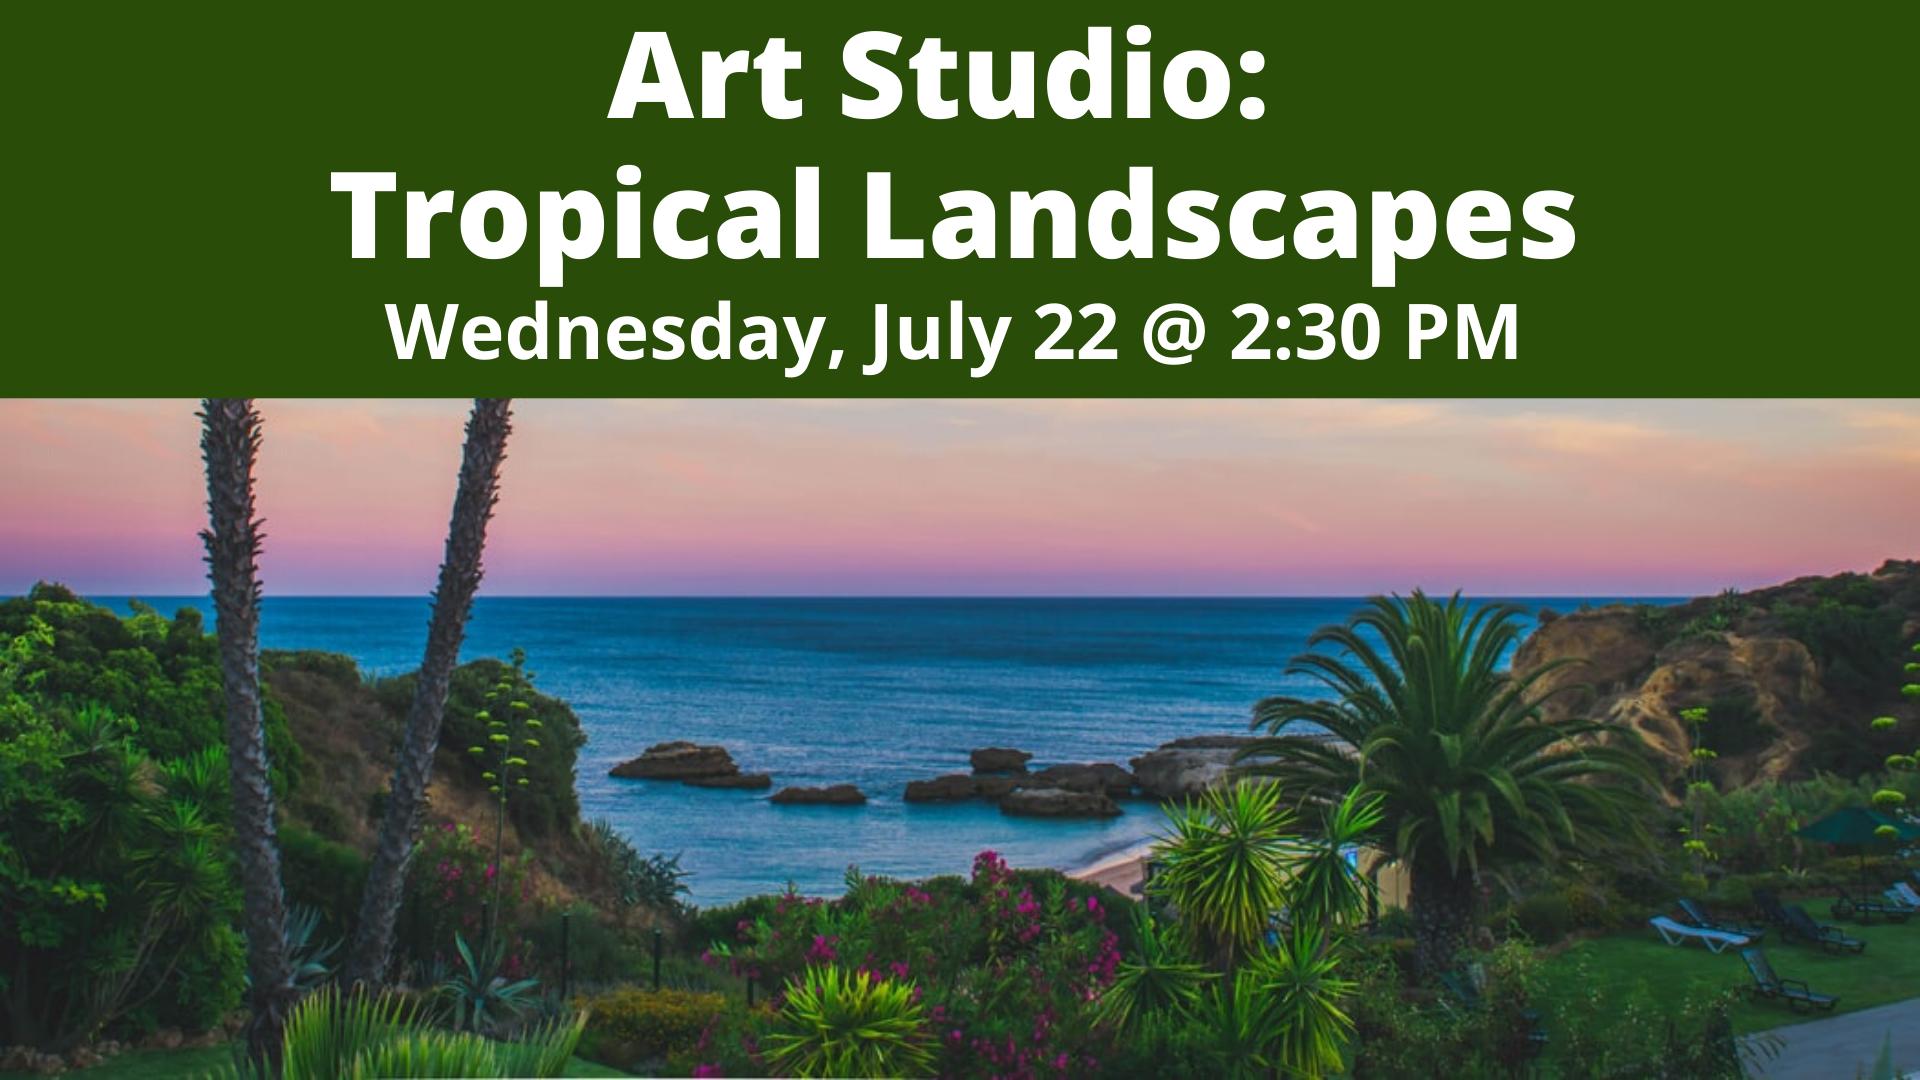 Art Studio: Tropical Landscapes